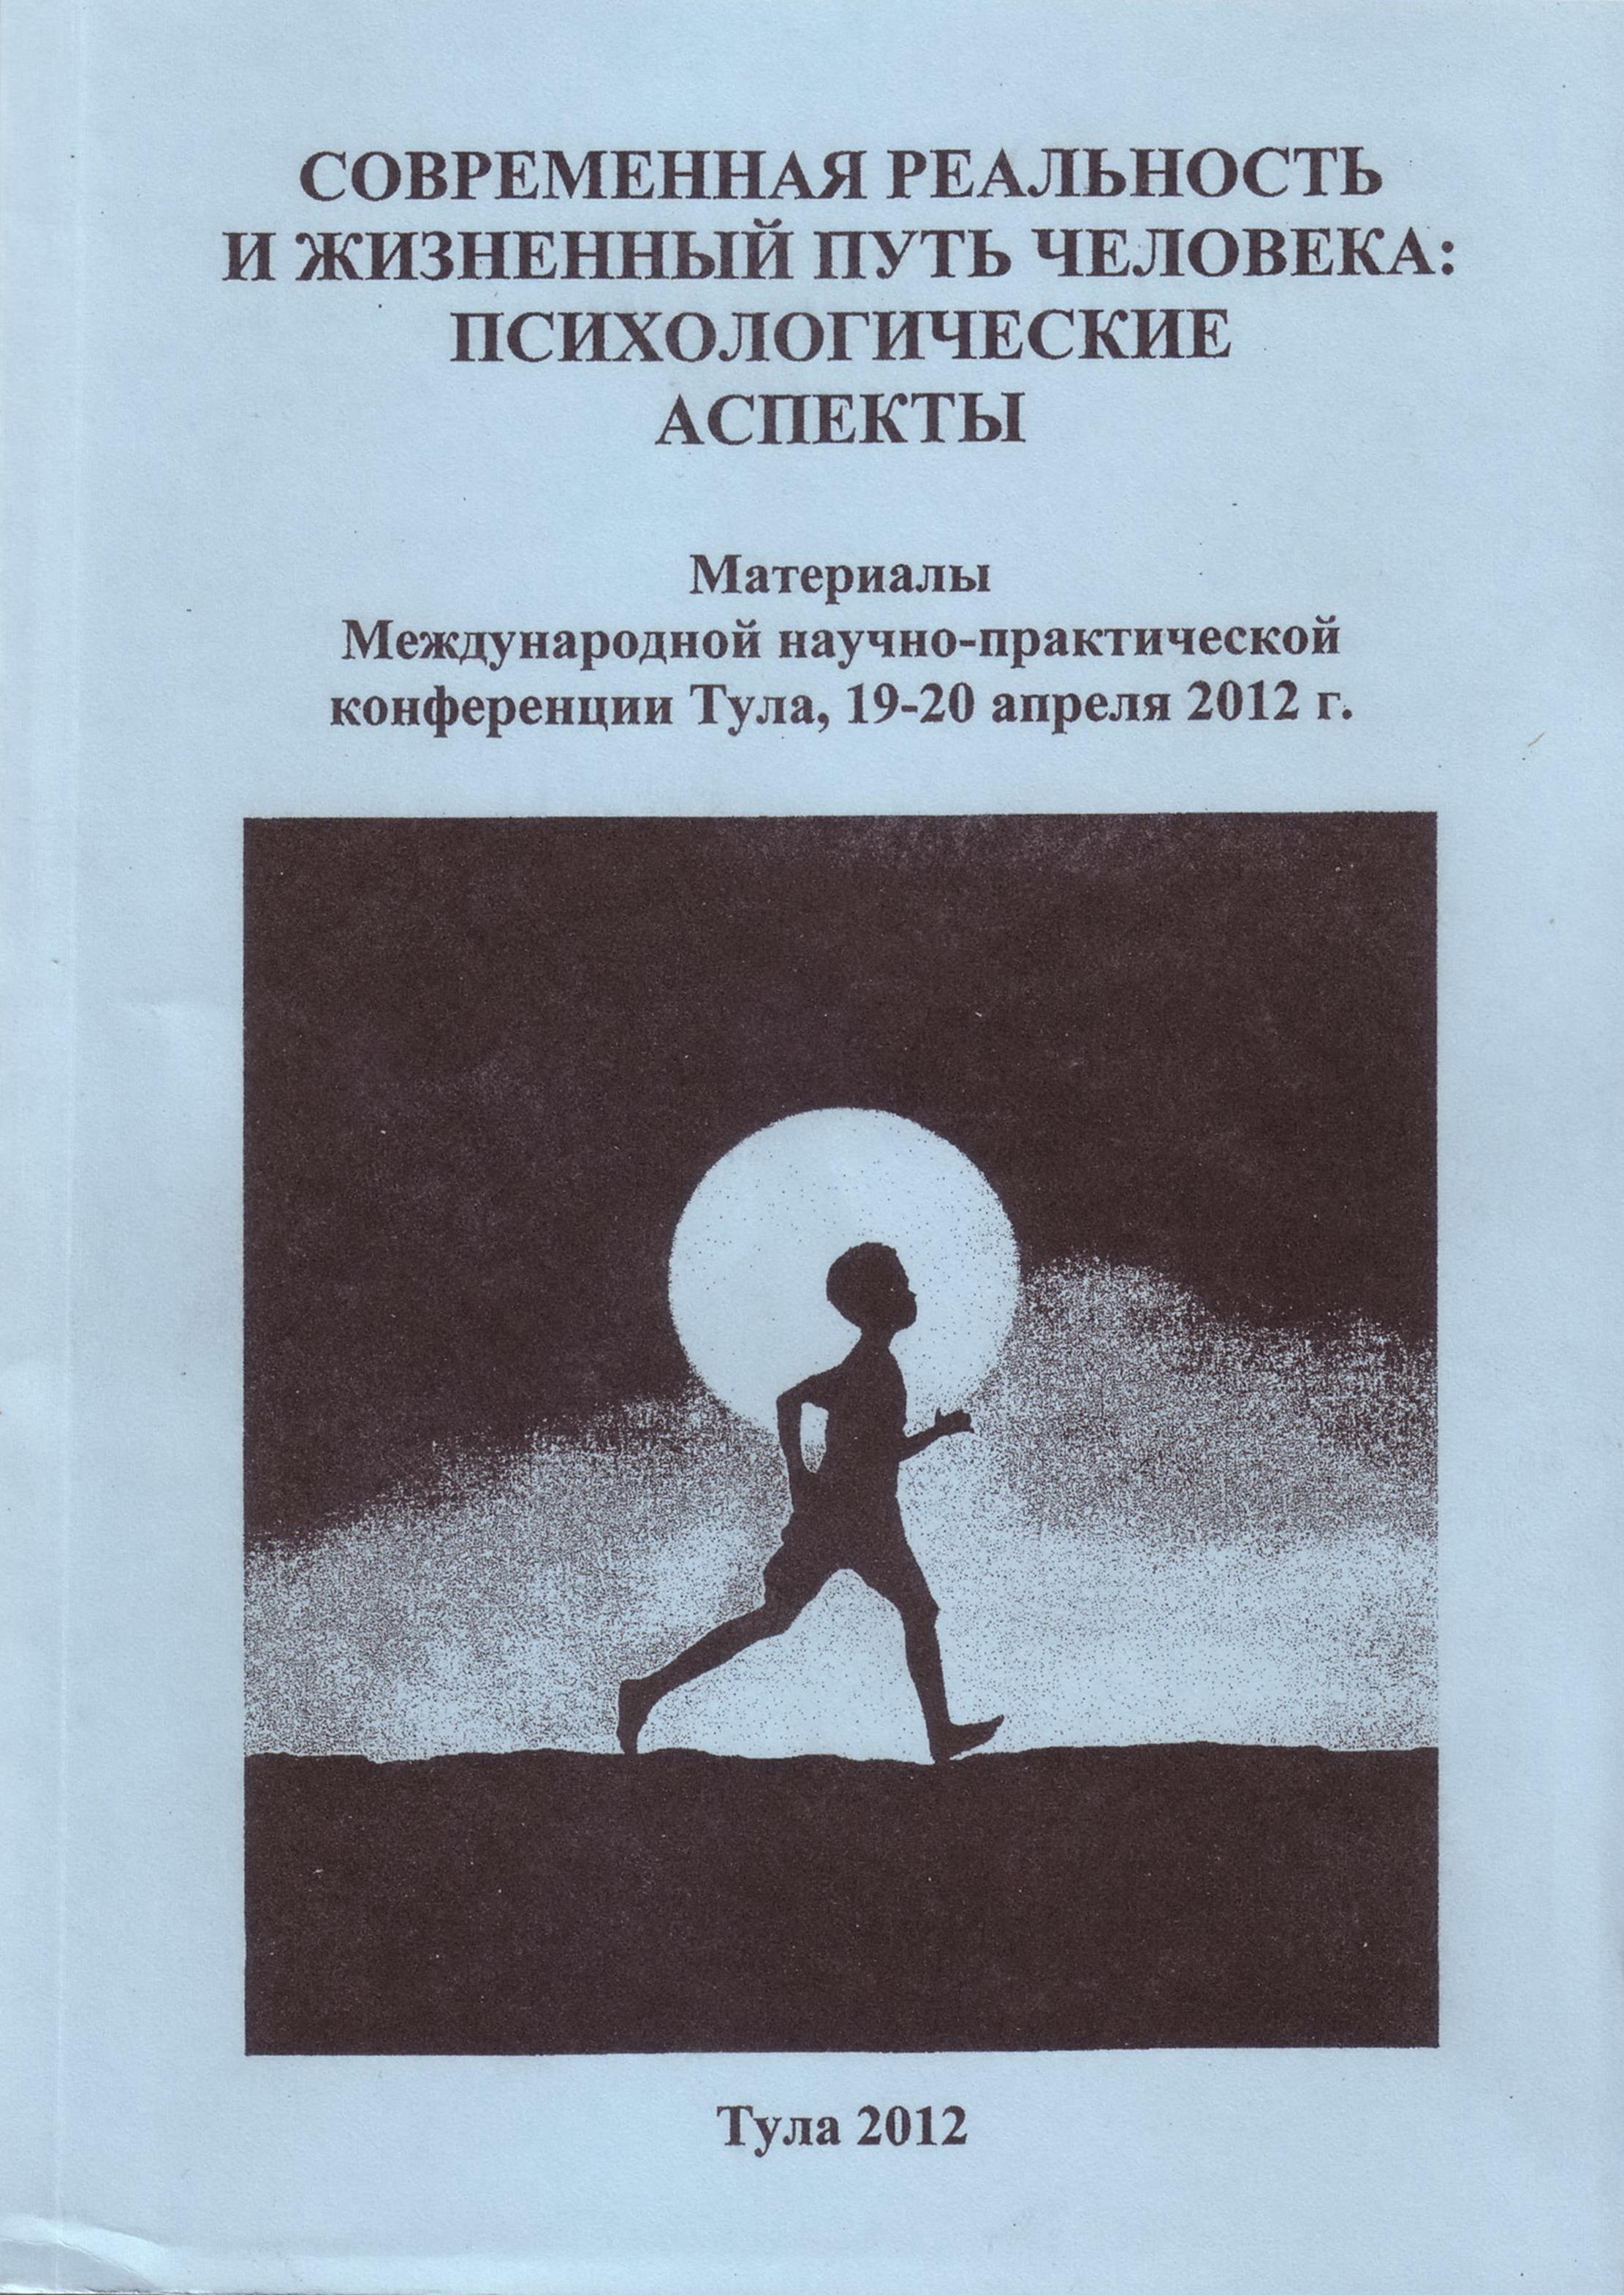 Современная реальность и жизненный путь человека. Психологические аспекты. Материалы Международной научно практической конференции (19-20 апреля 2012 г.)